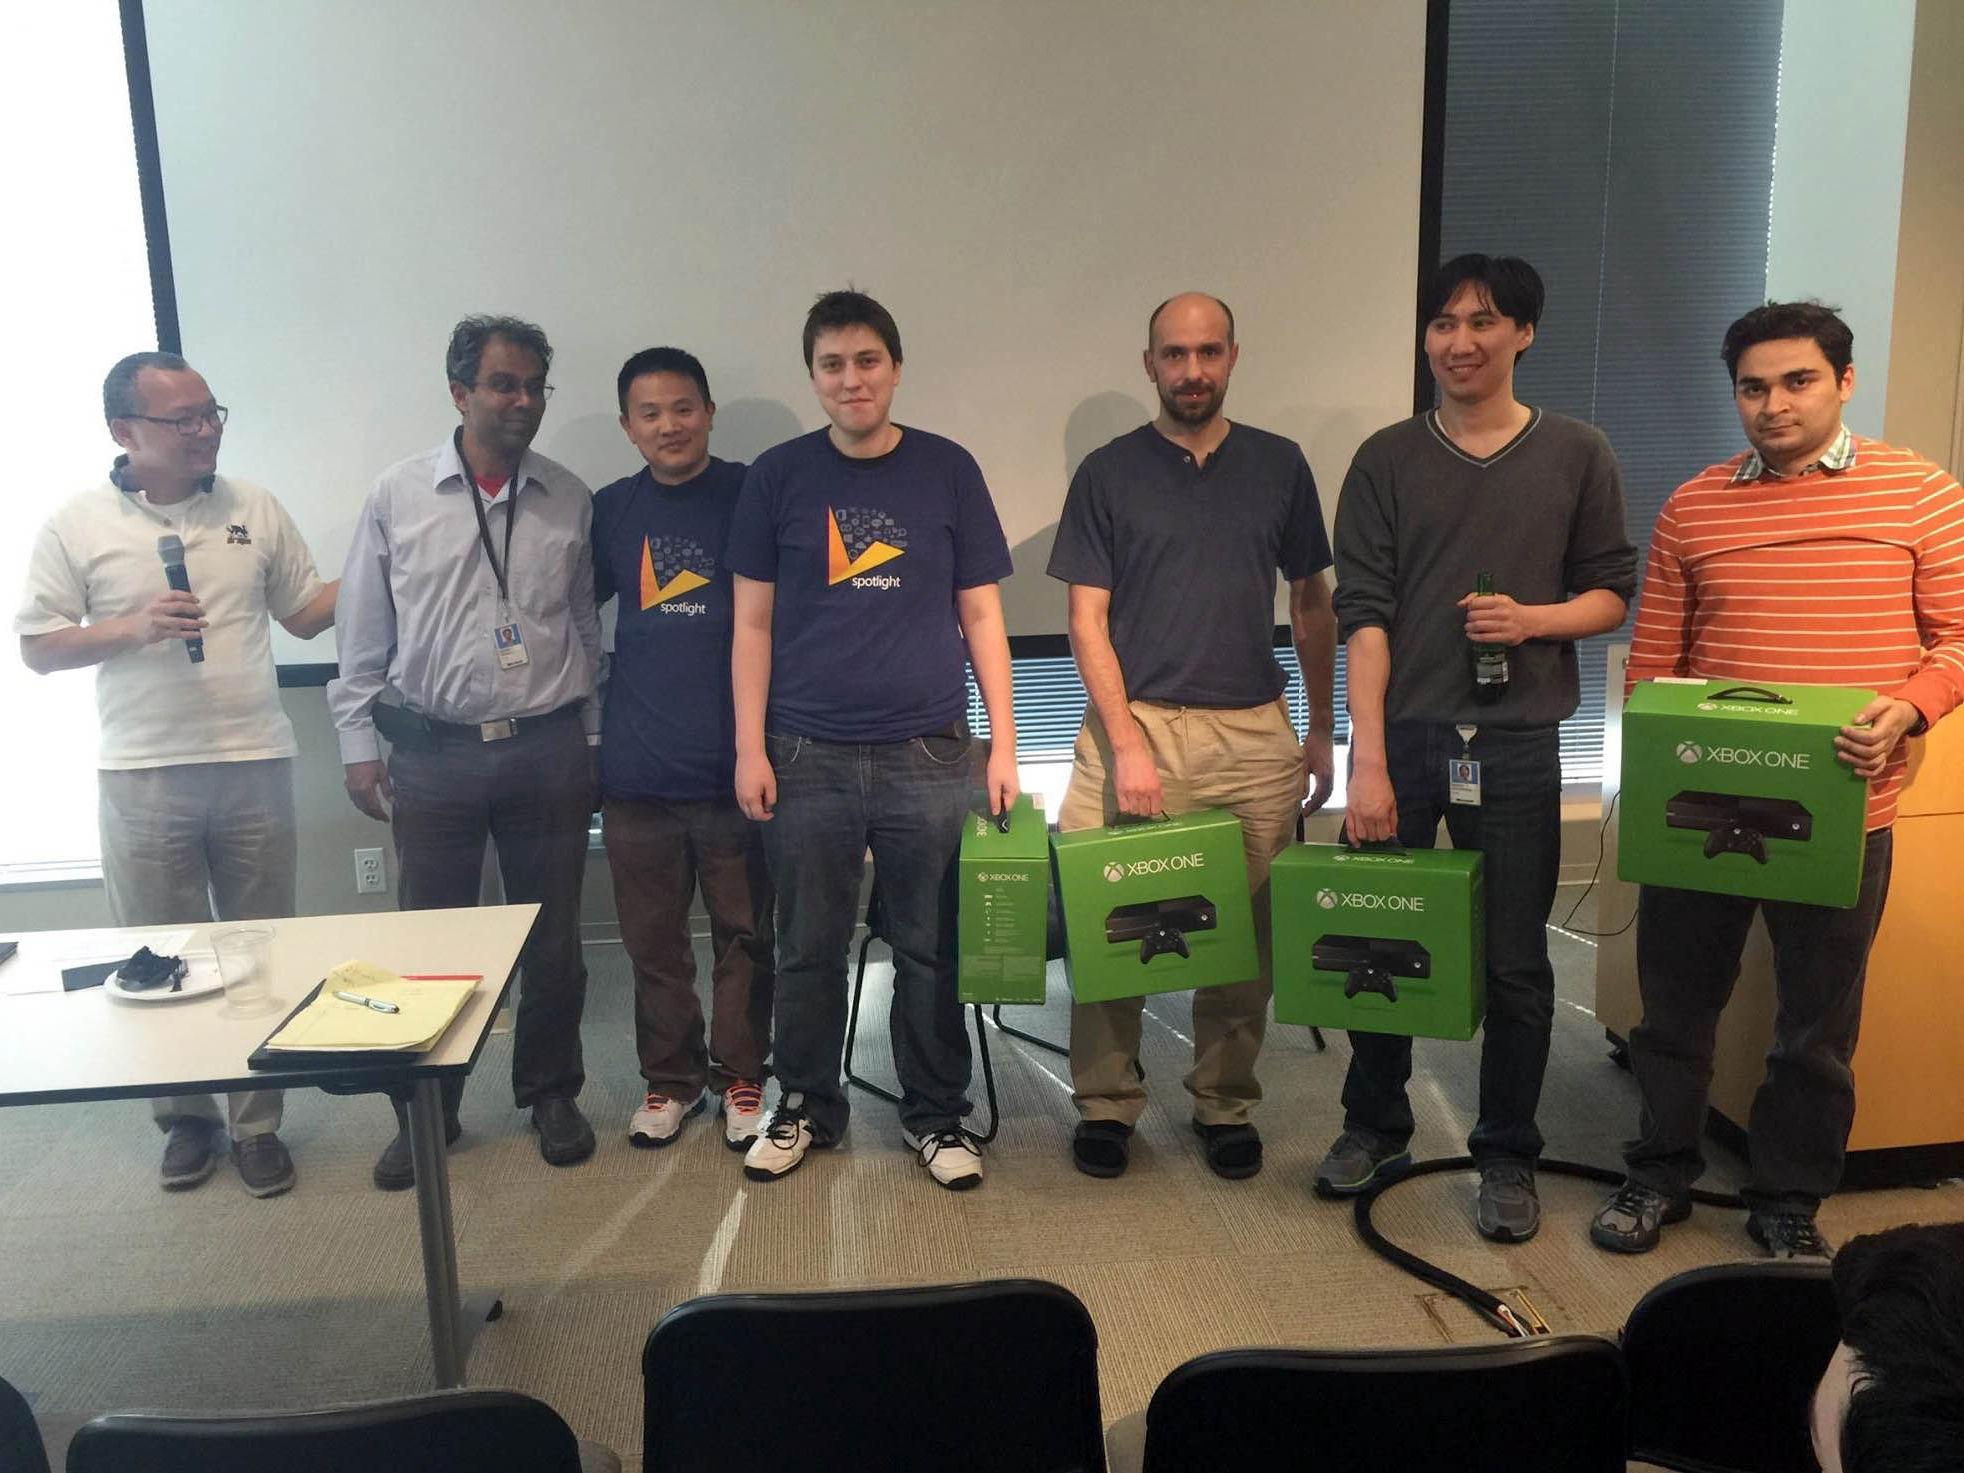 Старший инженер в Microsoft Муса Кожомкулов с коллегами